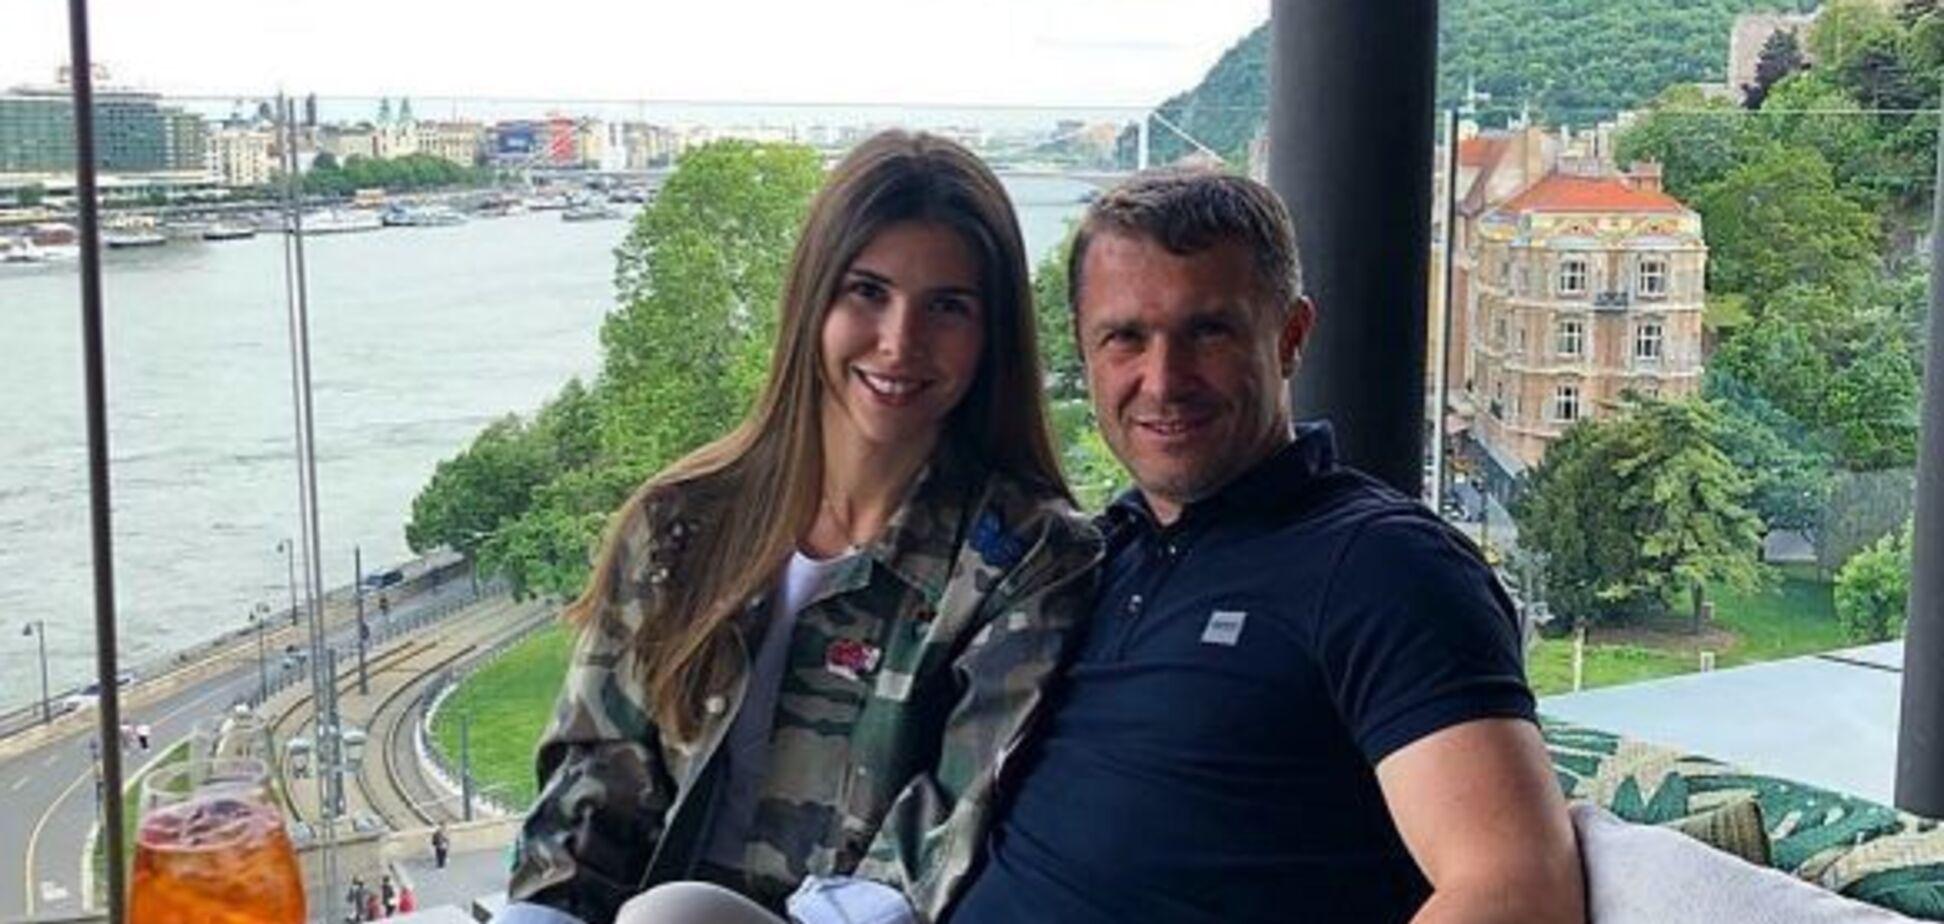 'Образ строгого': жена Реброва раскрыла новую часть жизни экс-тренера 'Динамо'